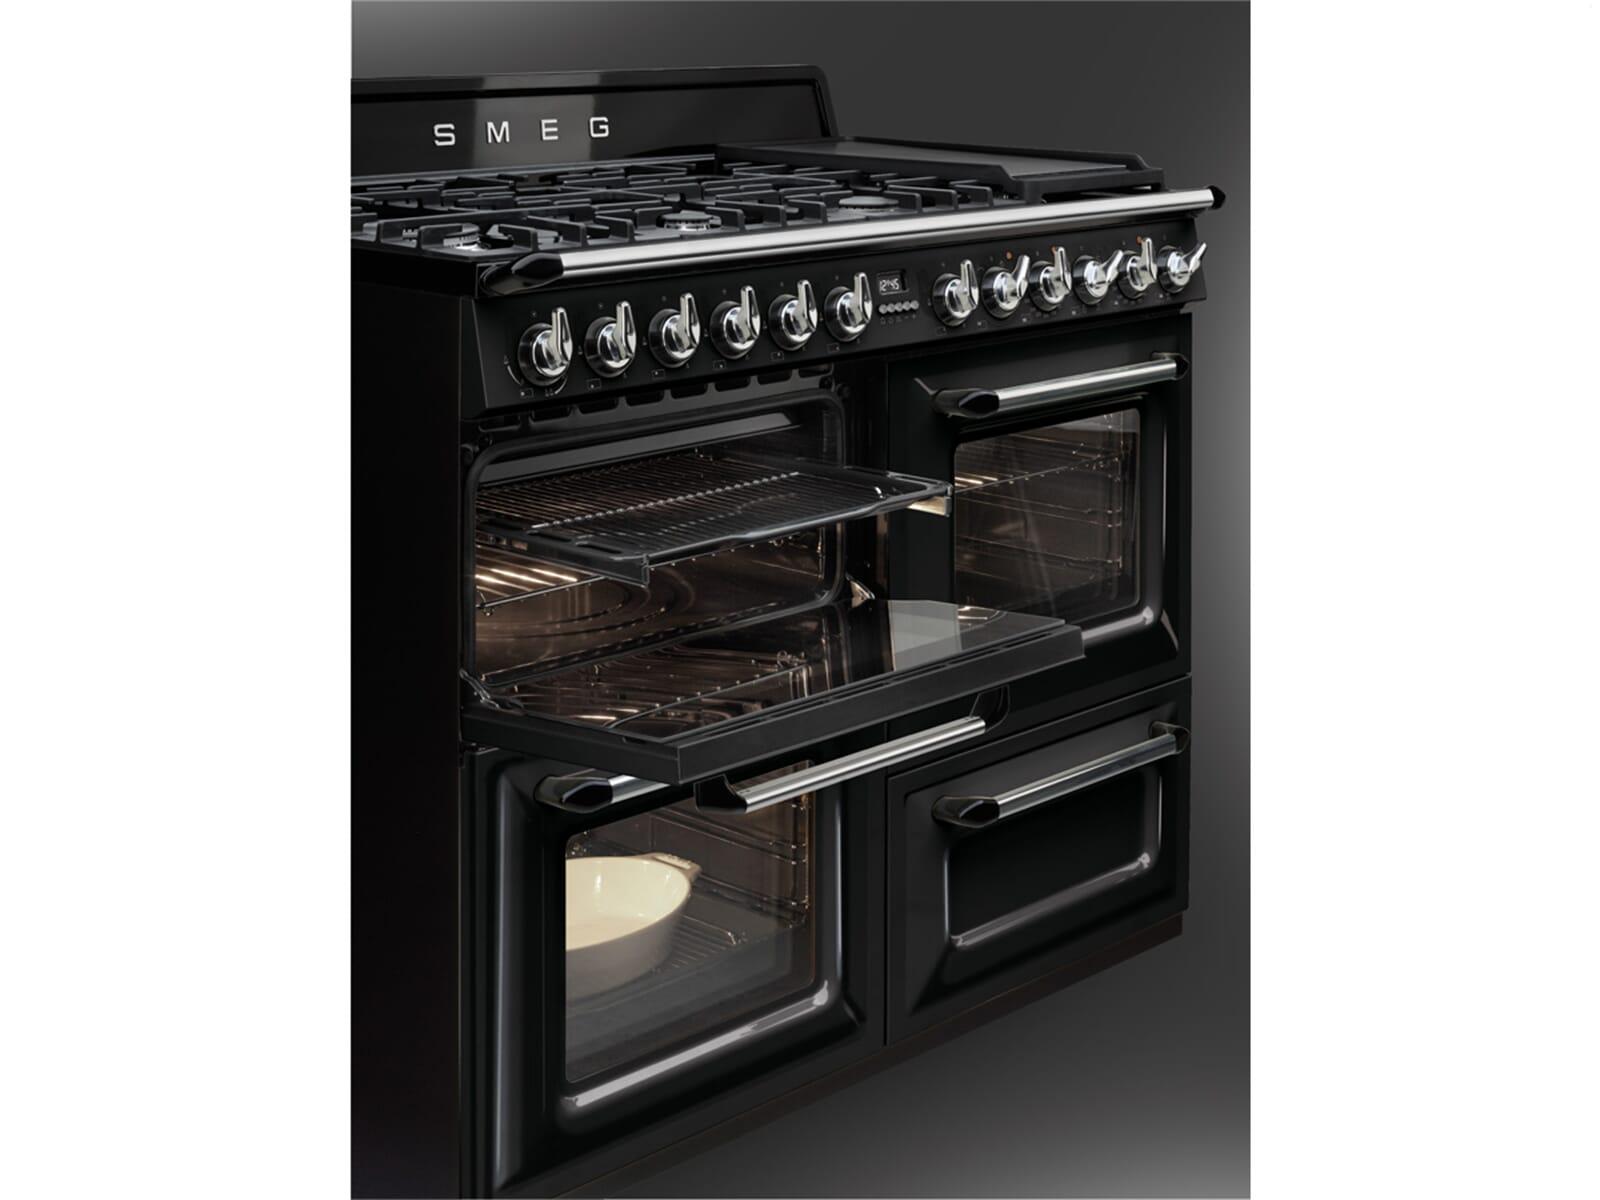 Smeg Kühlschrank Zubehör : Smeg küchenmaschine zubehör reling küche edelstahl klebefolie